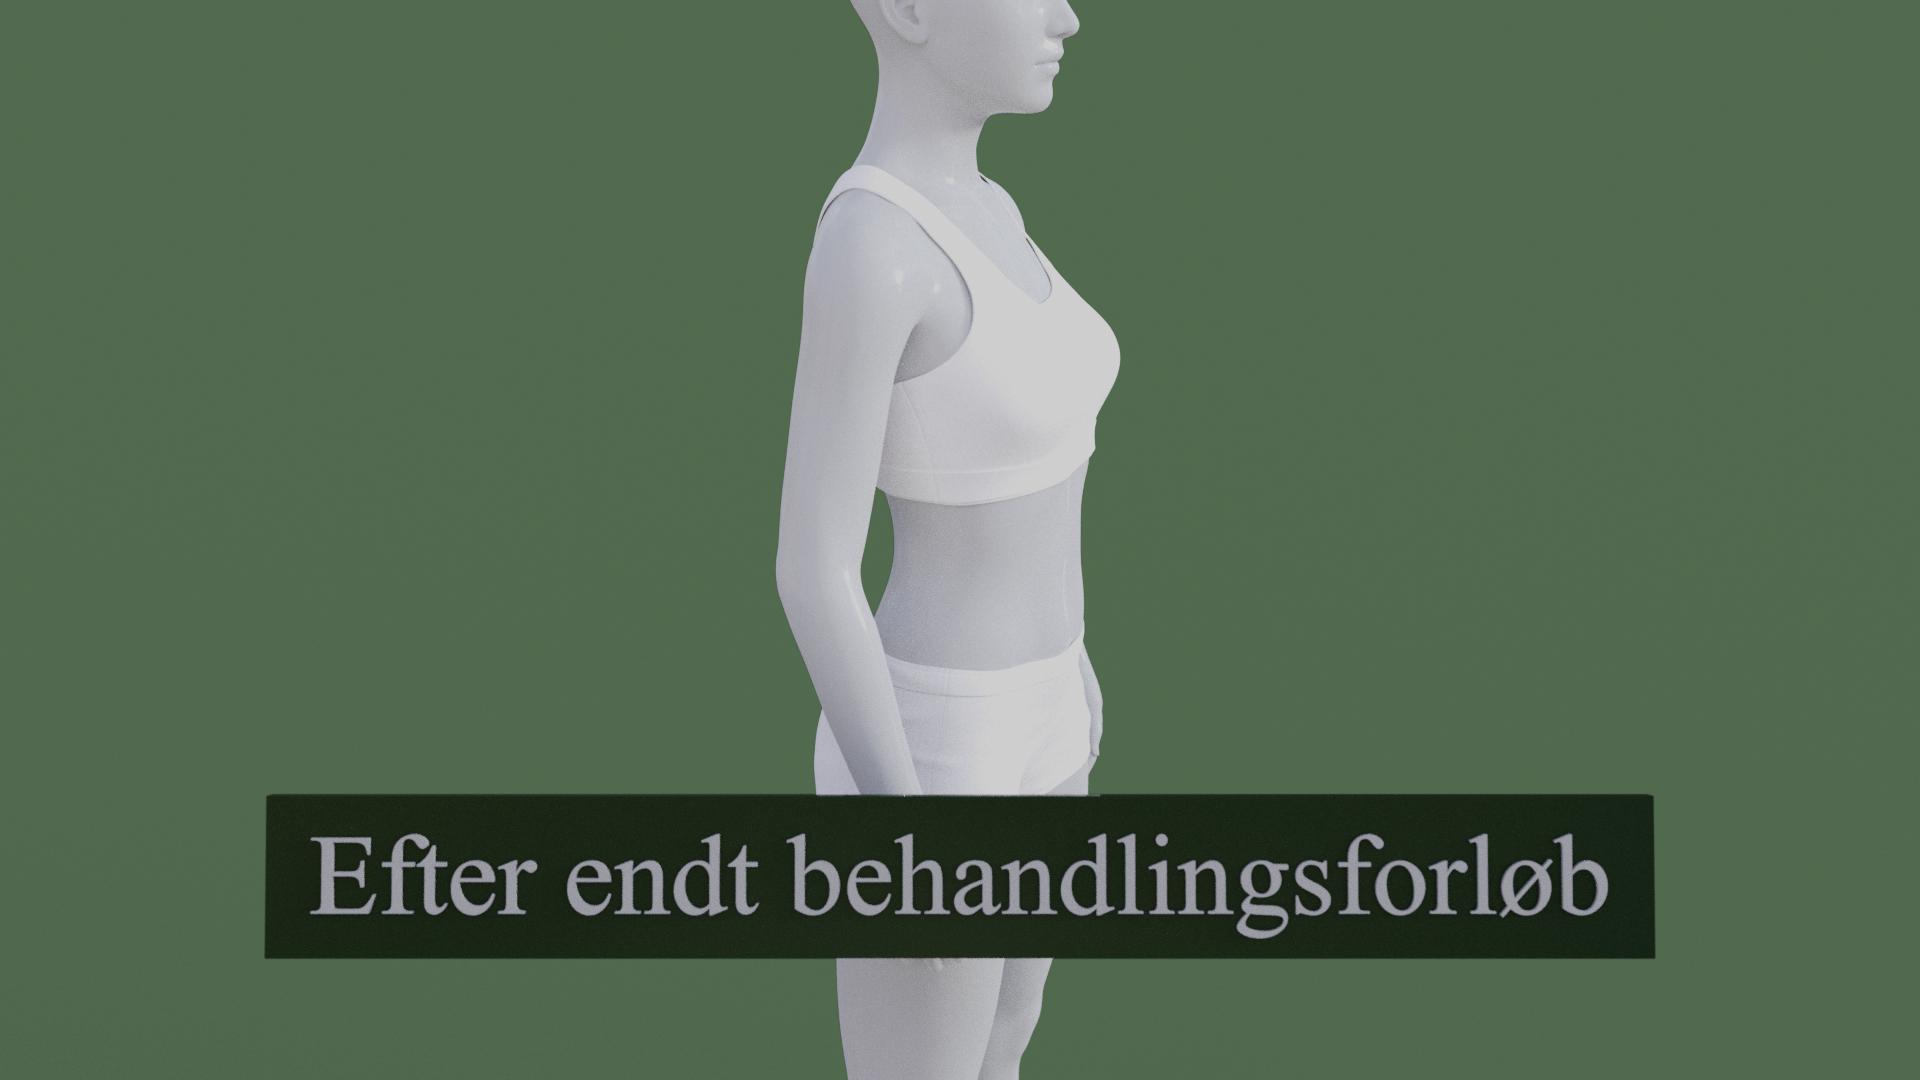 Billedet viser den samme 3D figur, men uden den røde farve på albuen. 3D figuren er helbredt.